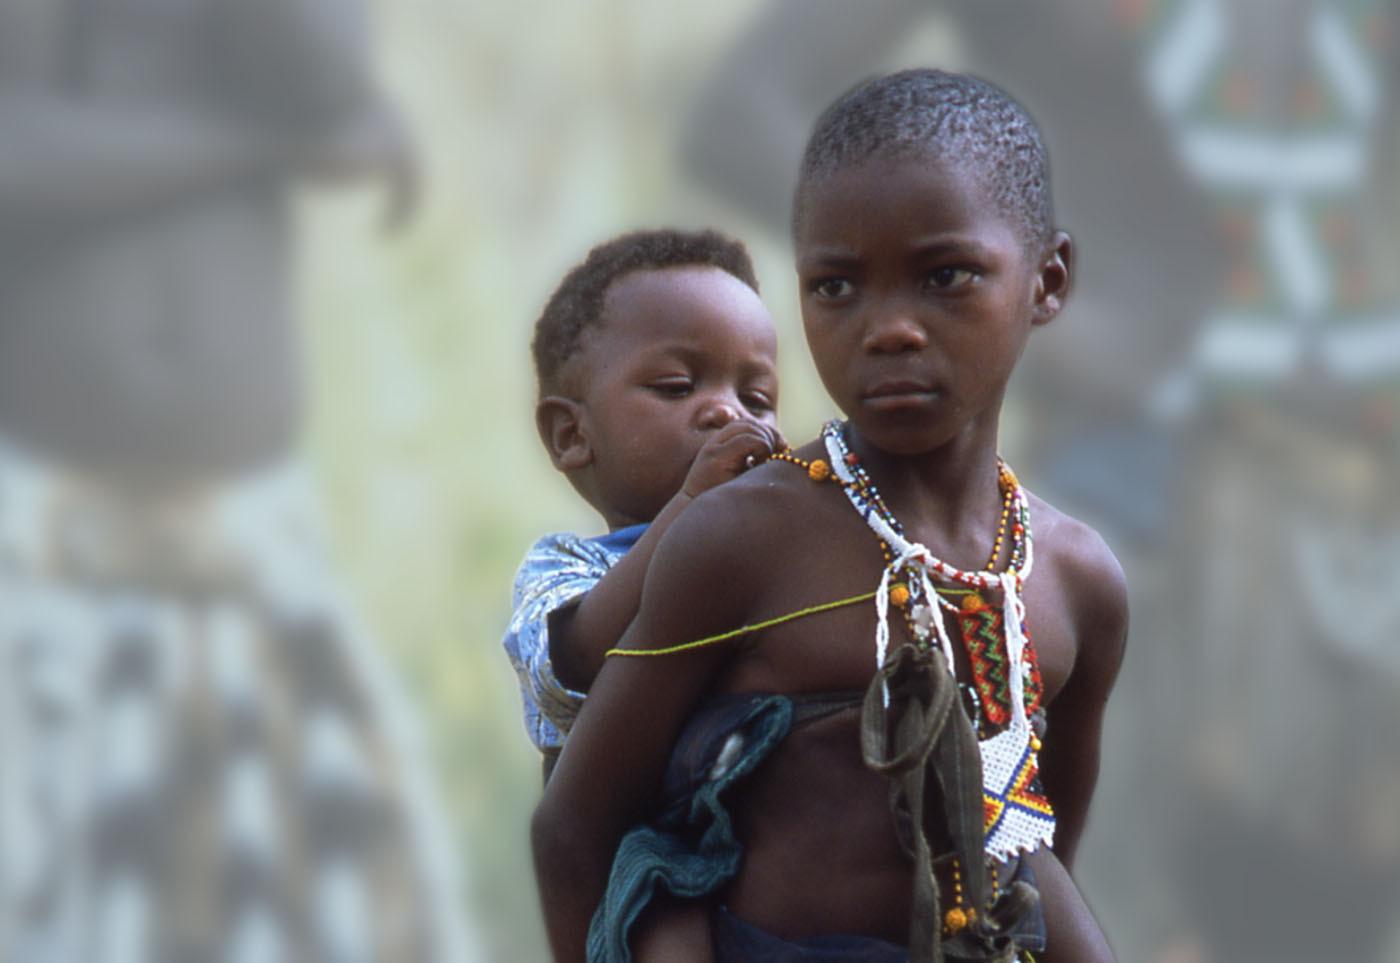 ברית מילה בגיל הנעורים (ועוד ללא הרדמה) - שבטי המסאי באפריקה